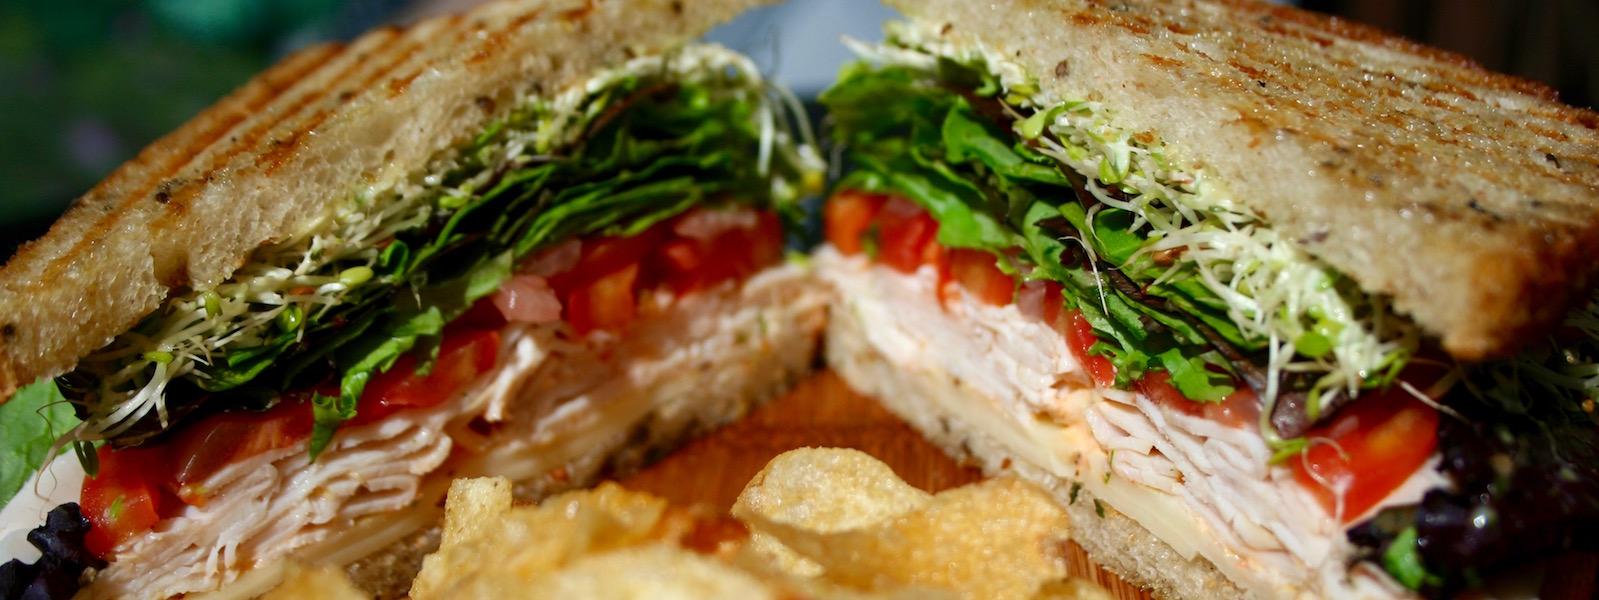 slider-sandwich